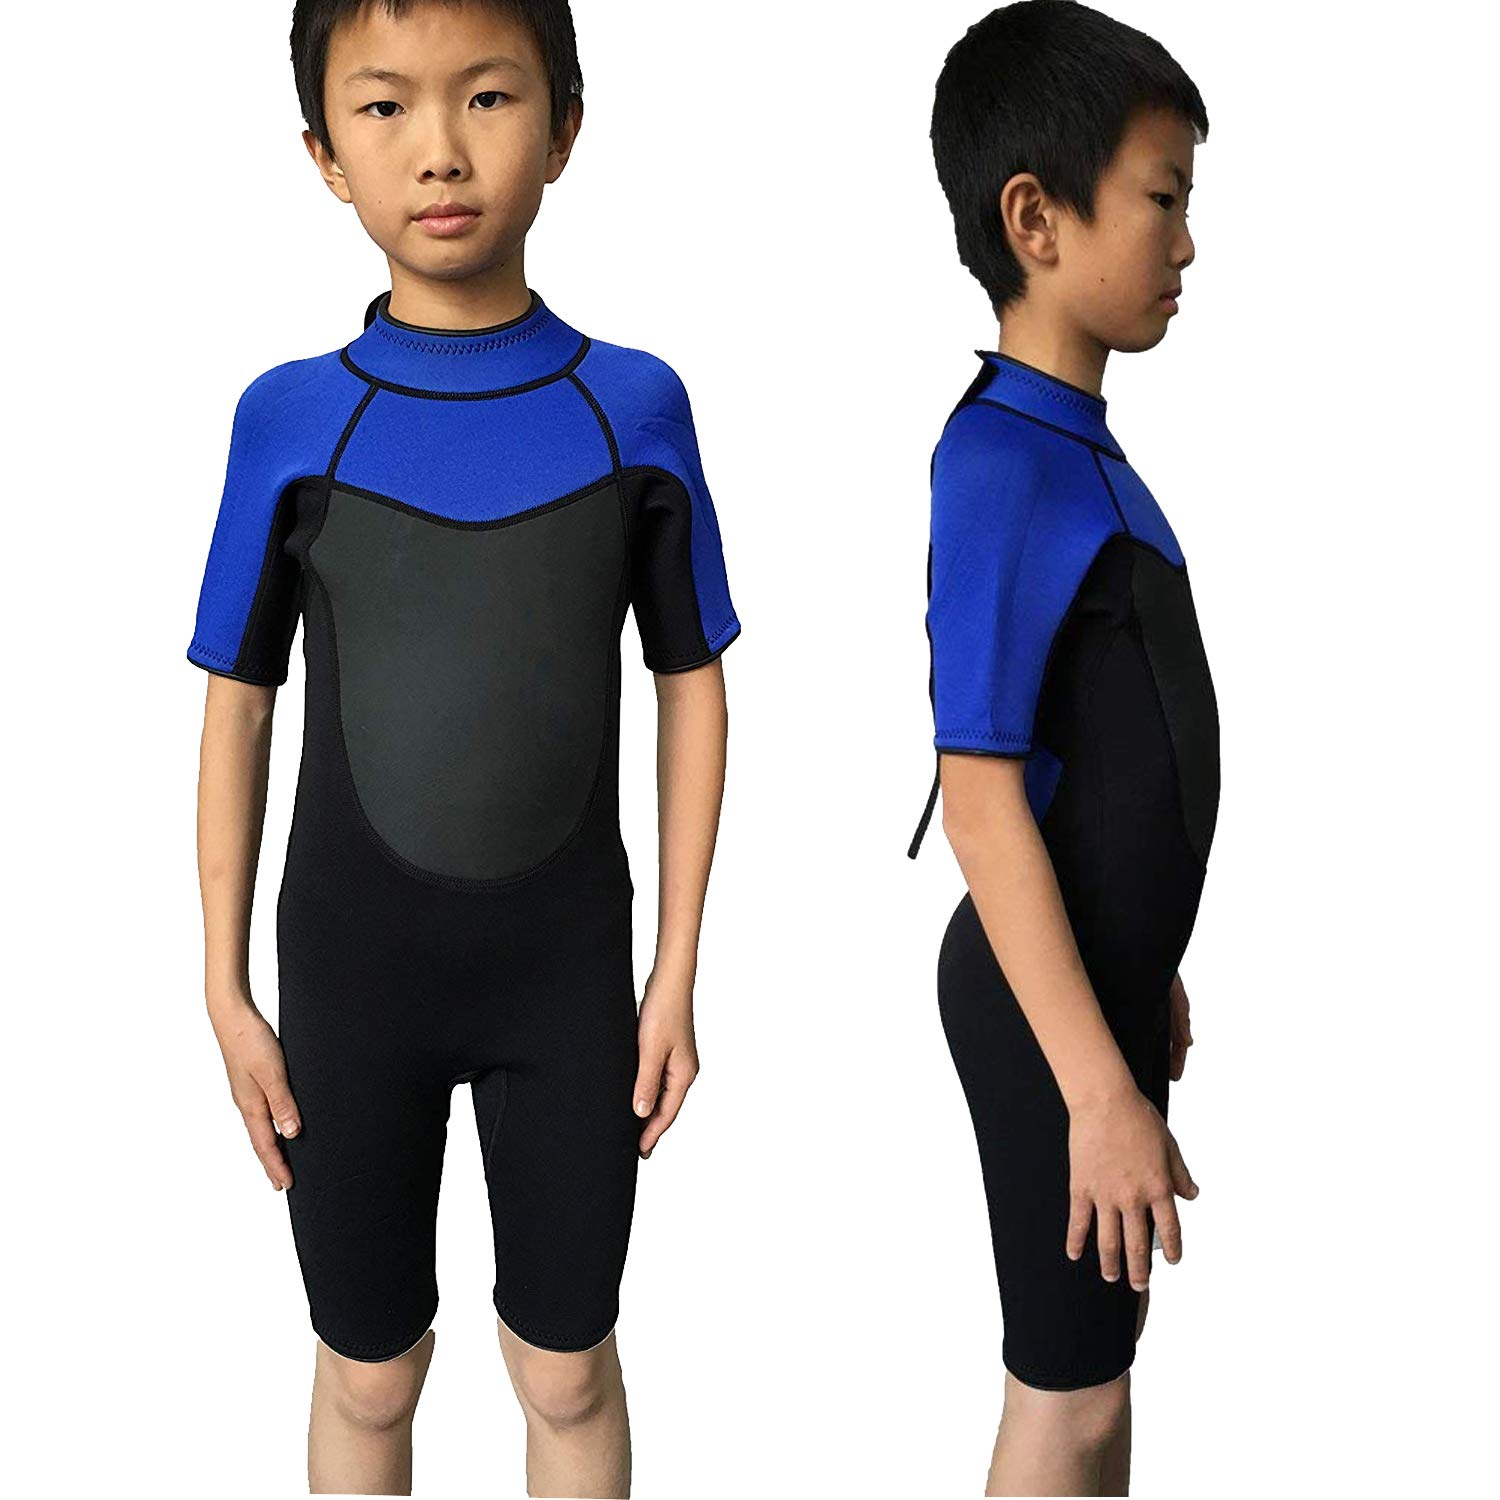 Realon Wetsuit Kids Shortie 3mm Boys Wetsuit Shorty Swim Suit Children Snorkeling Suits Surf Suit Jumpsuit (Black/Blue, S)